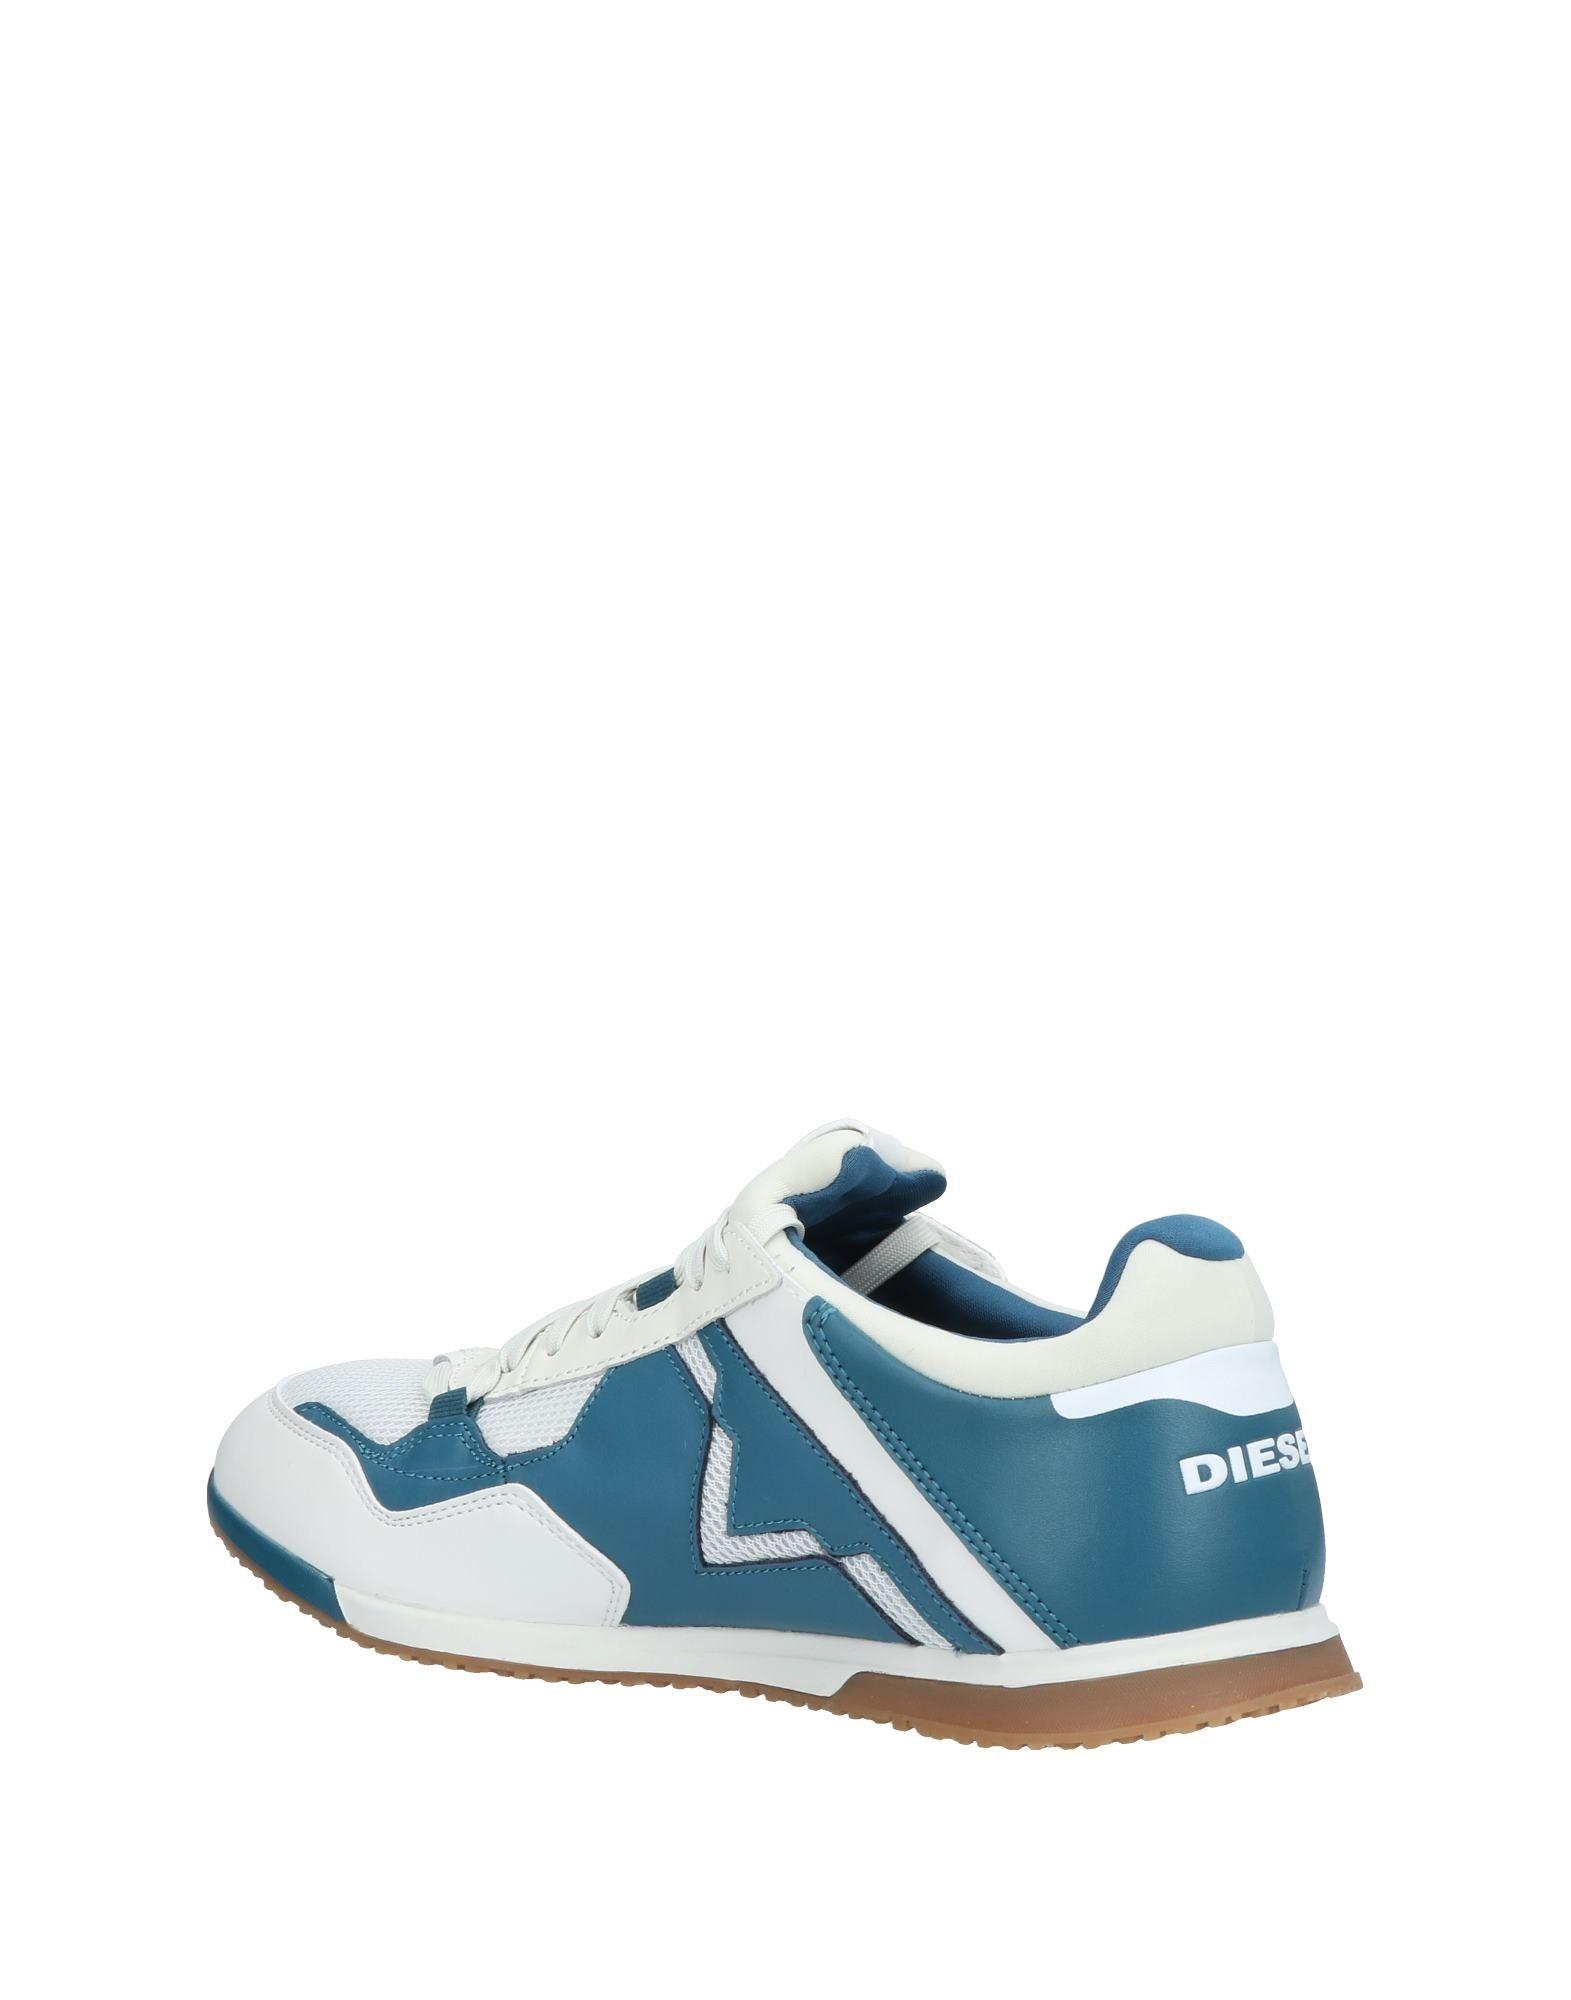 Diesel Sneakers Sneakers Diesel Herren  11423425CQ 99f4c2